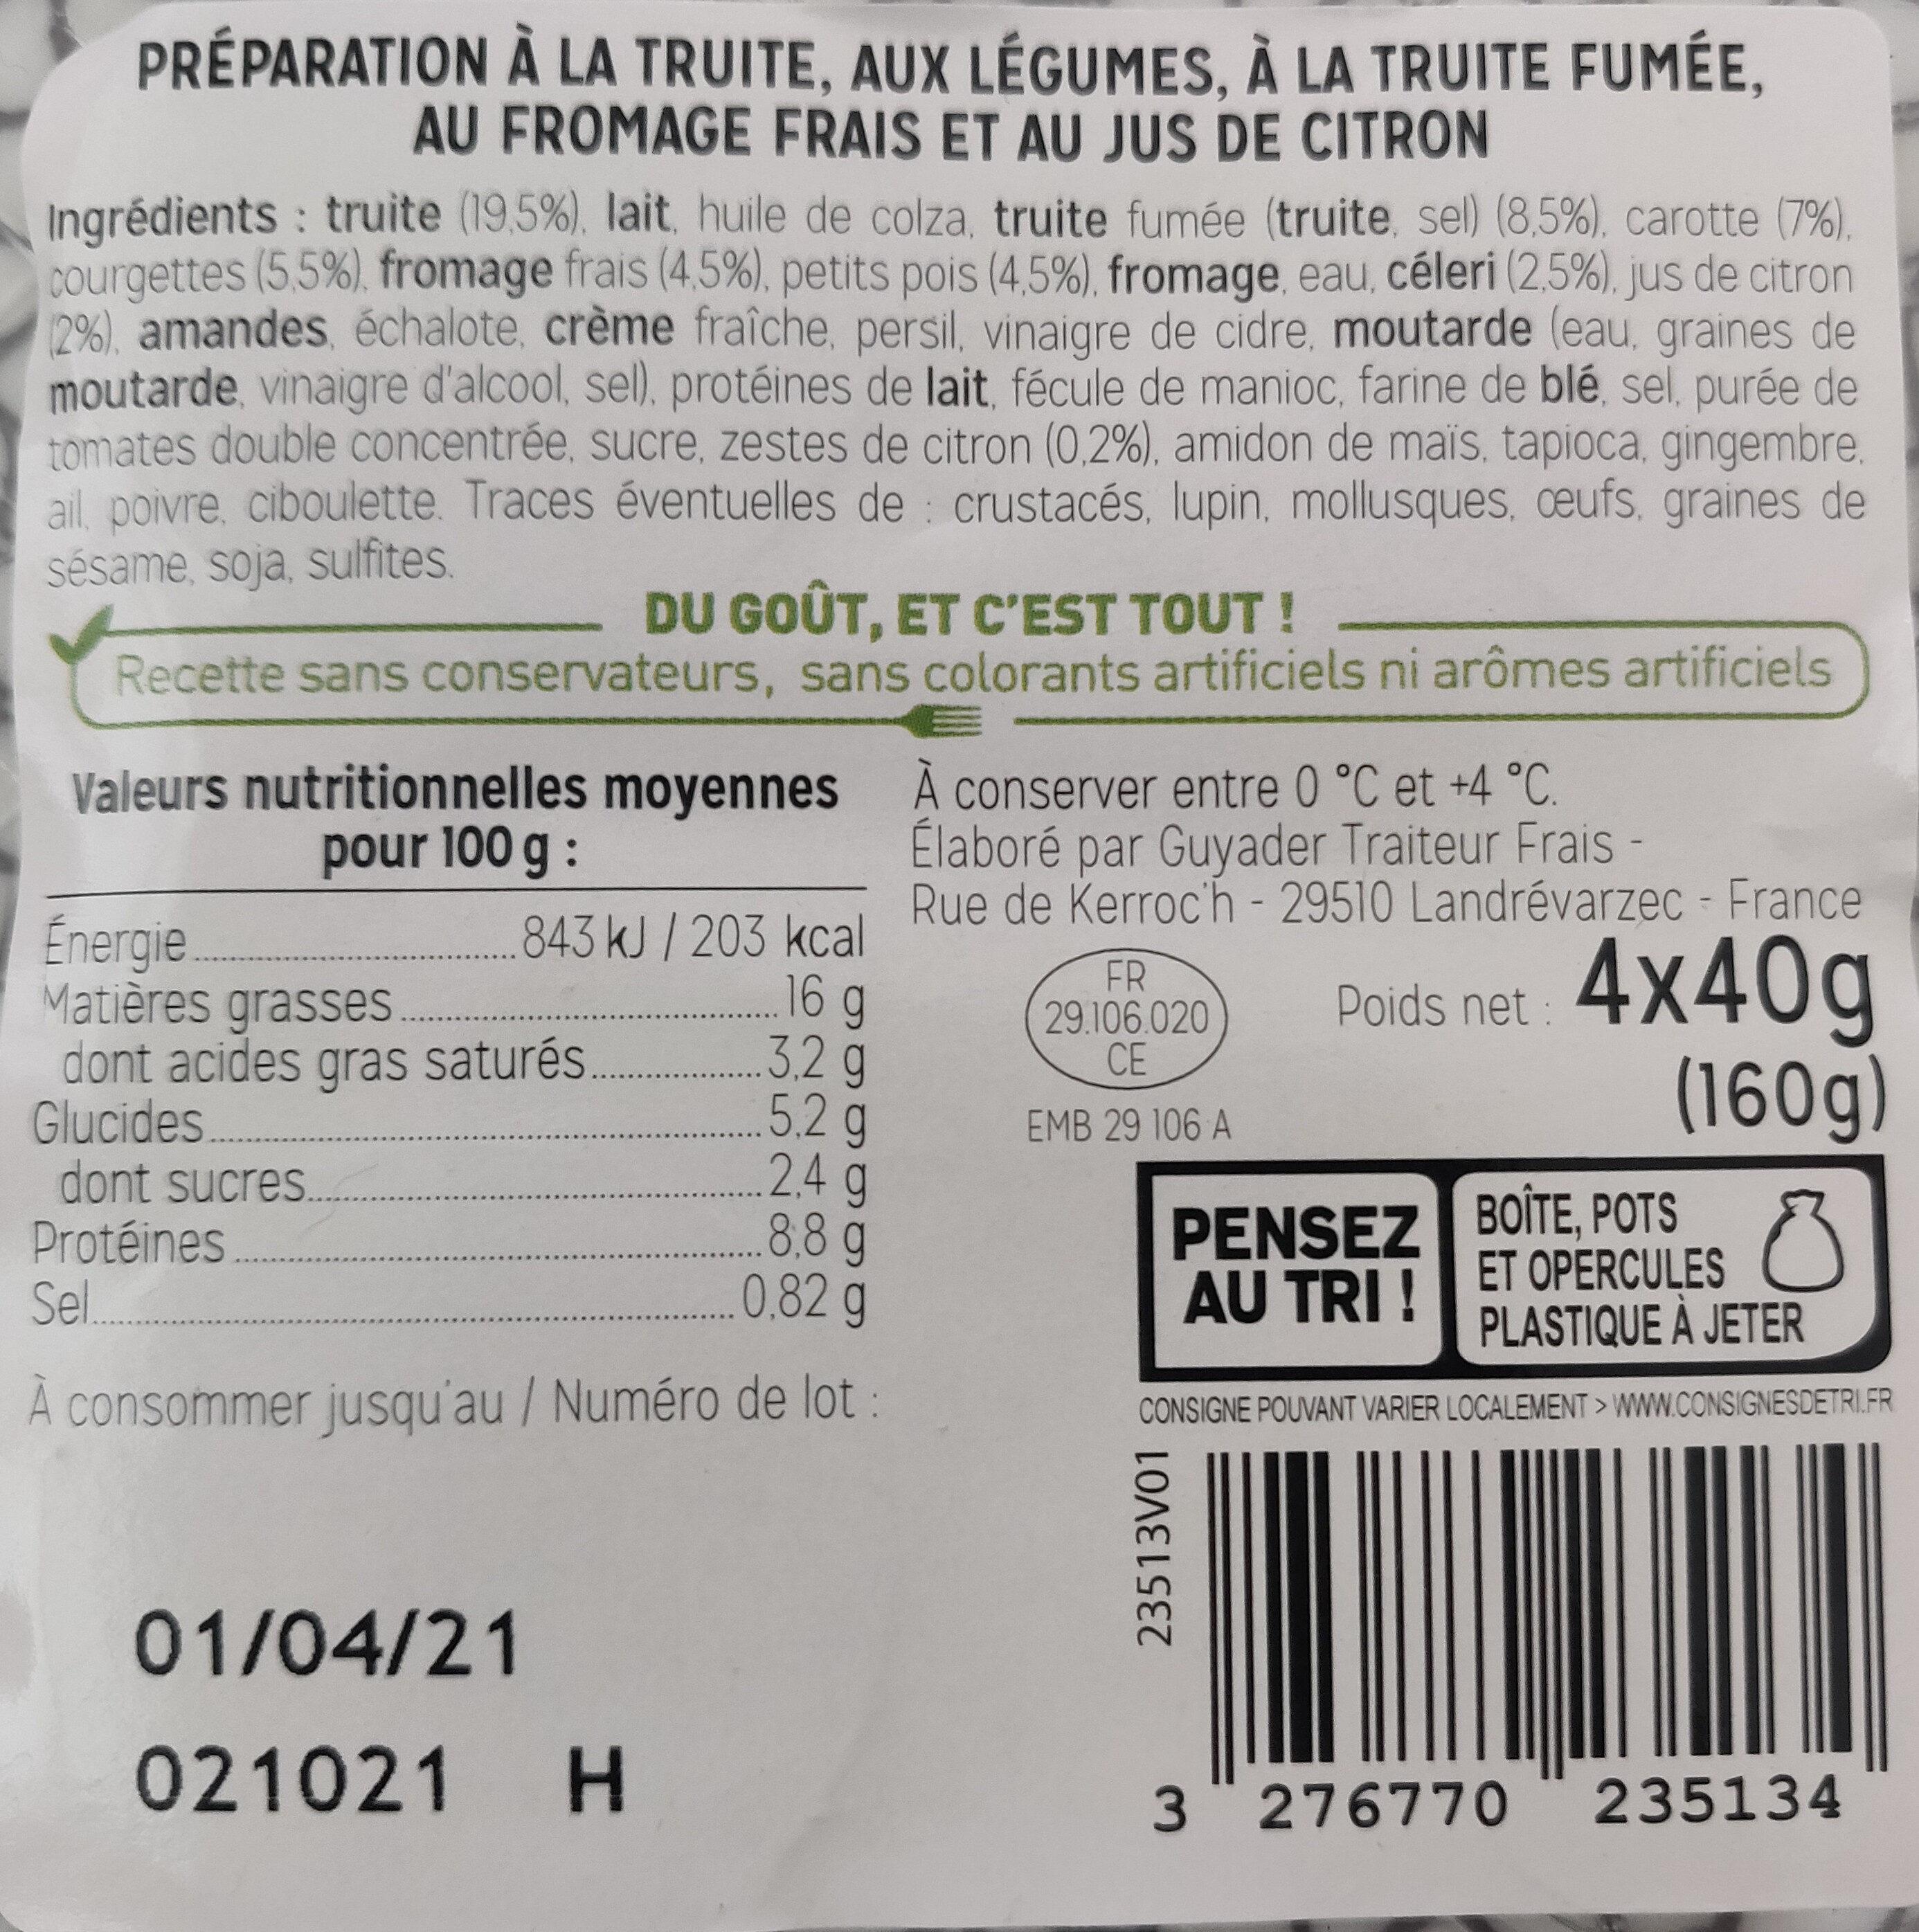 Verrines à la truite et au fromage frais citron - Produit - fr